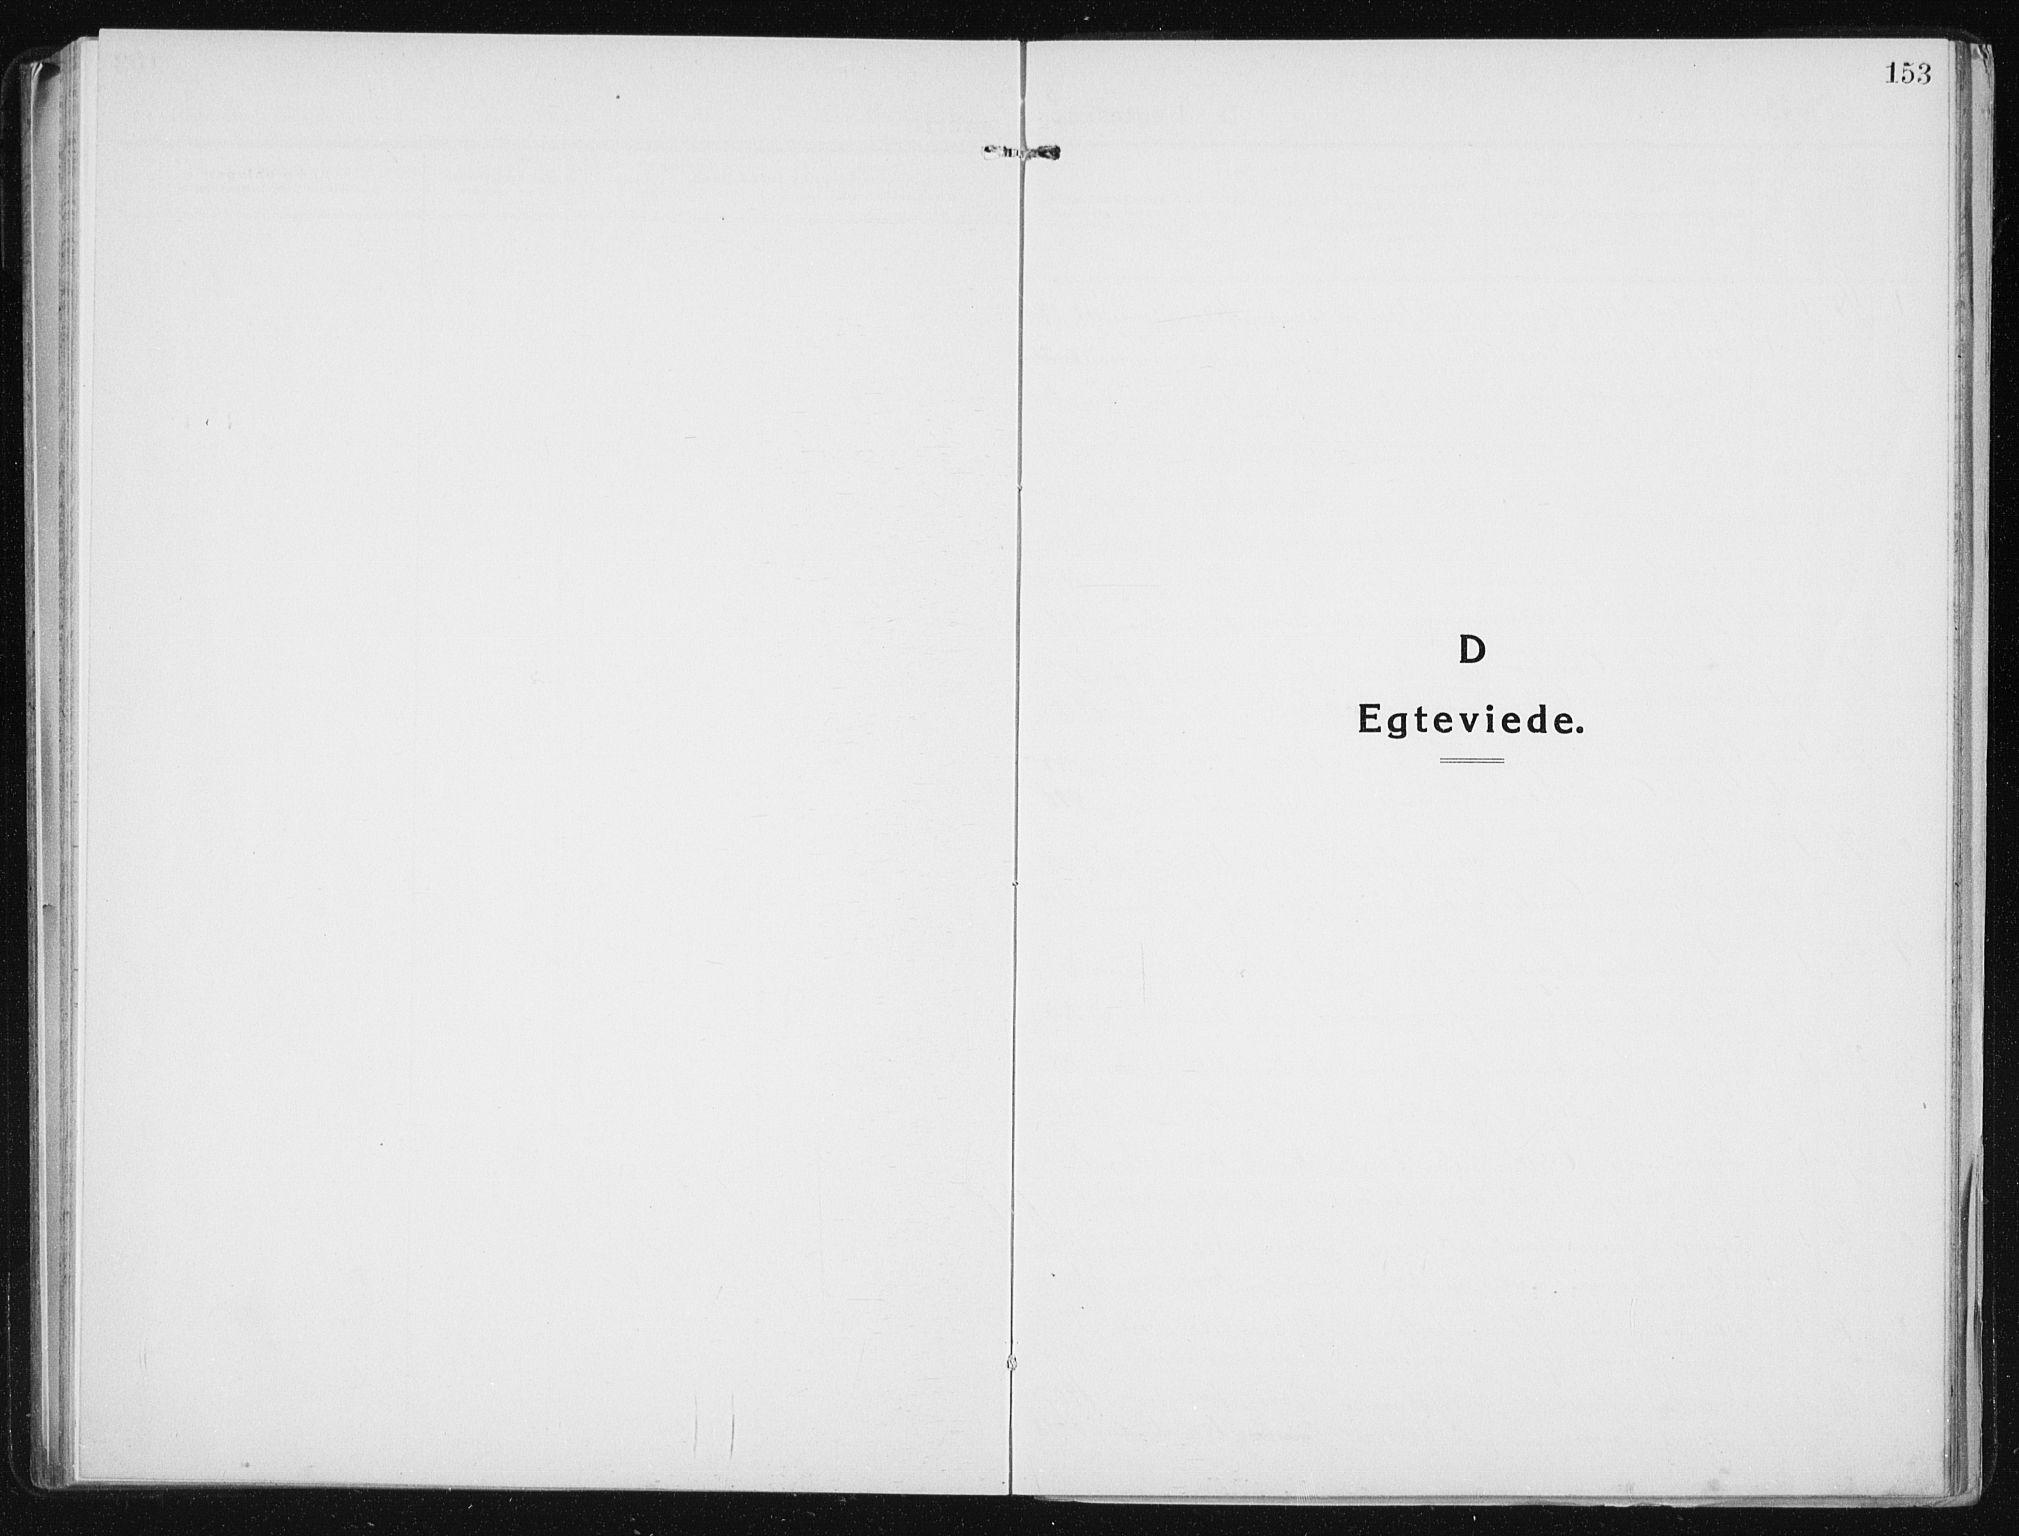 SAT, Ministerialprotokoller, klokkerbøker og fødselsregistre - Sør-Trøndelag, 640/L0589: Klokkerbok nr. 640C06, 1922-1934, s. 153